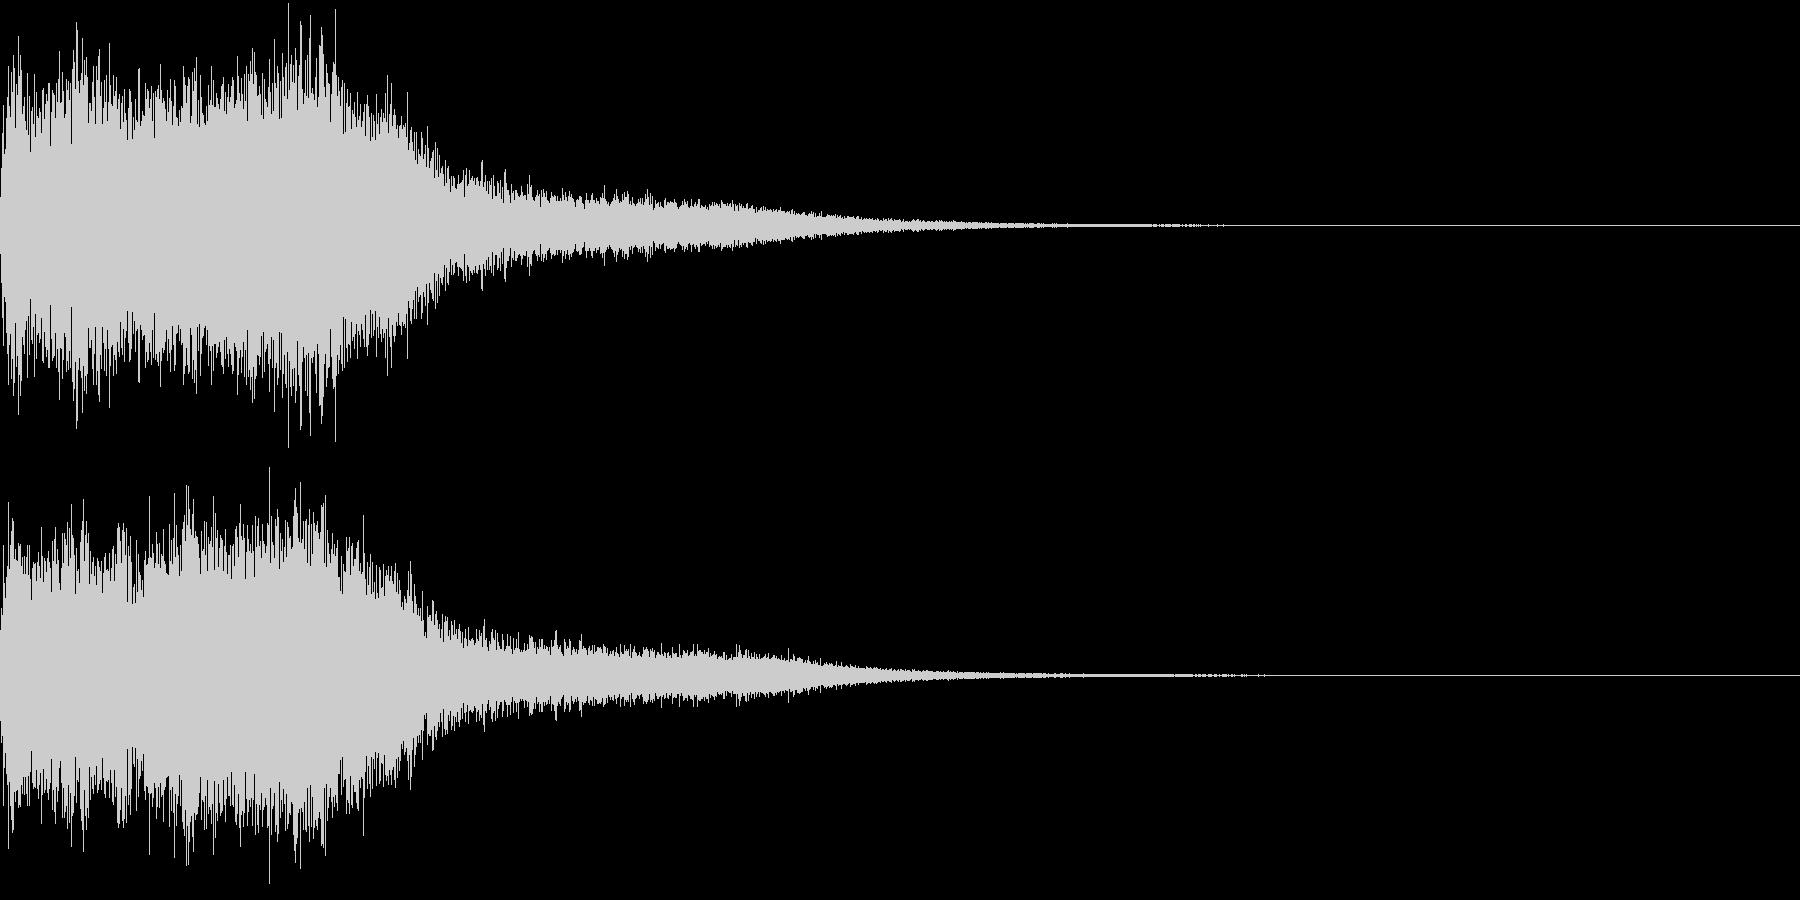 ファンファーレ オーケストラ 豪華 2の未再生の波形